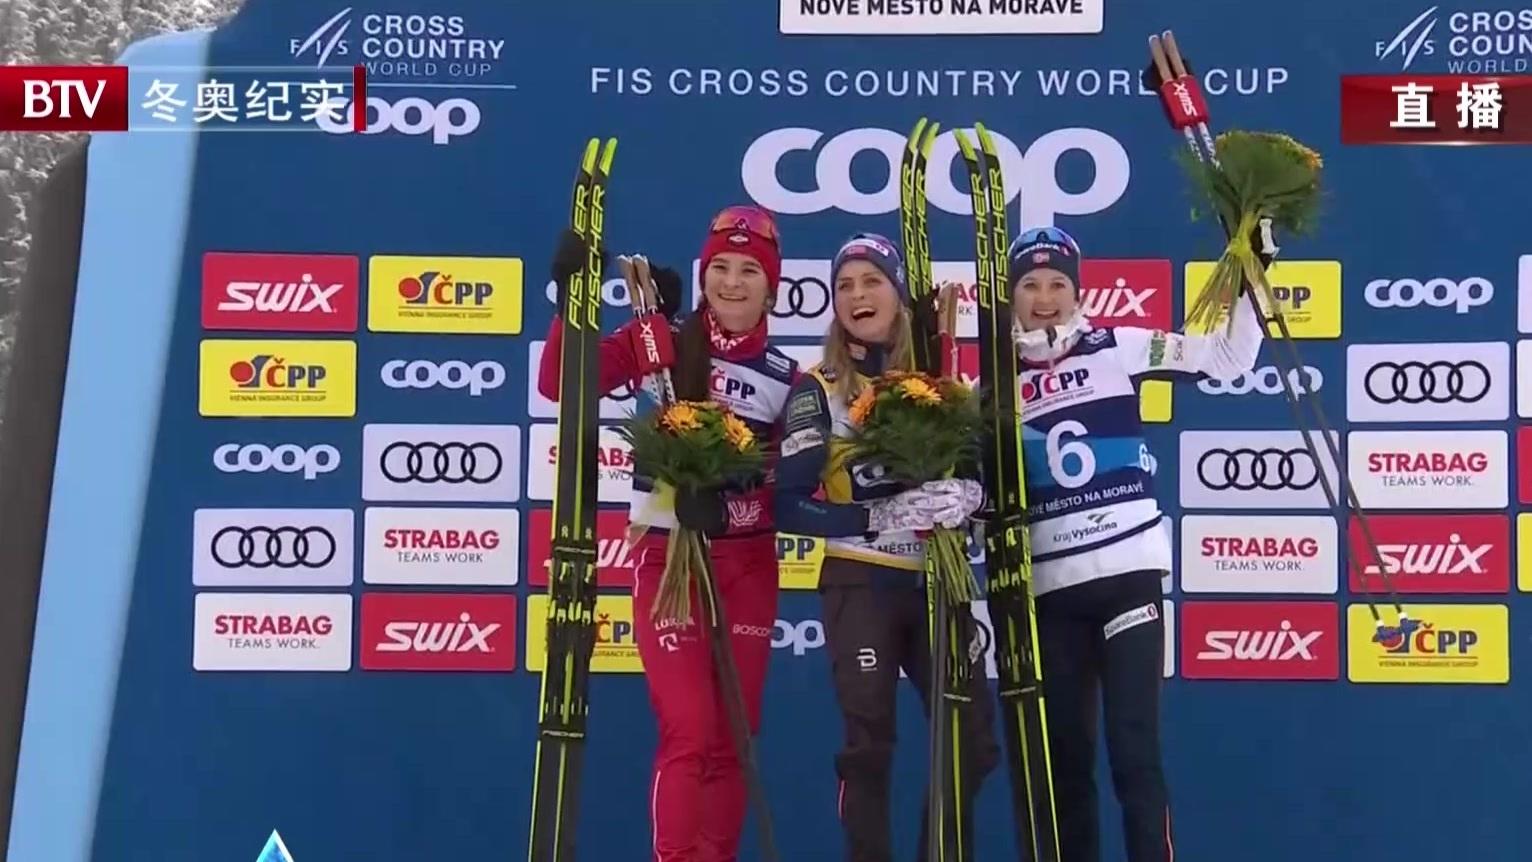 越野滑雪世界杯捷克站 约豪格豪取世界杯第64冠